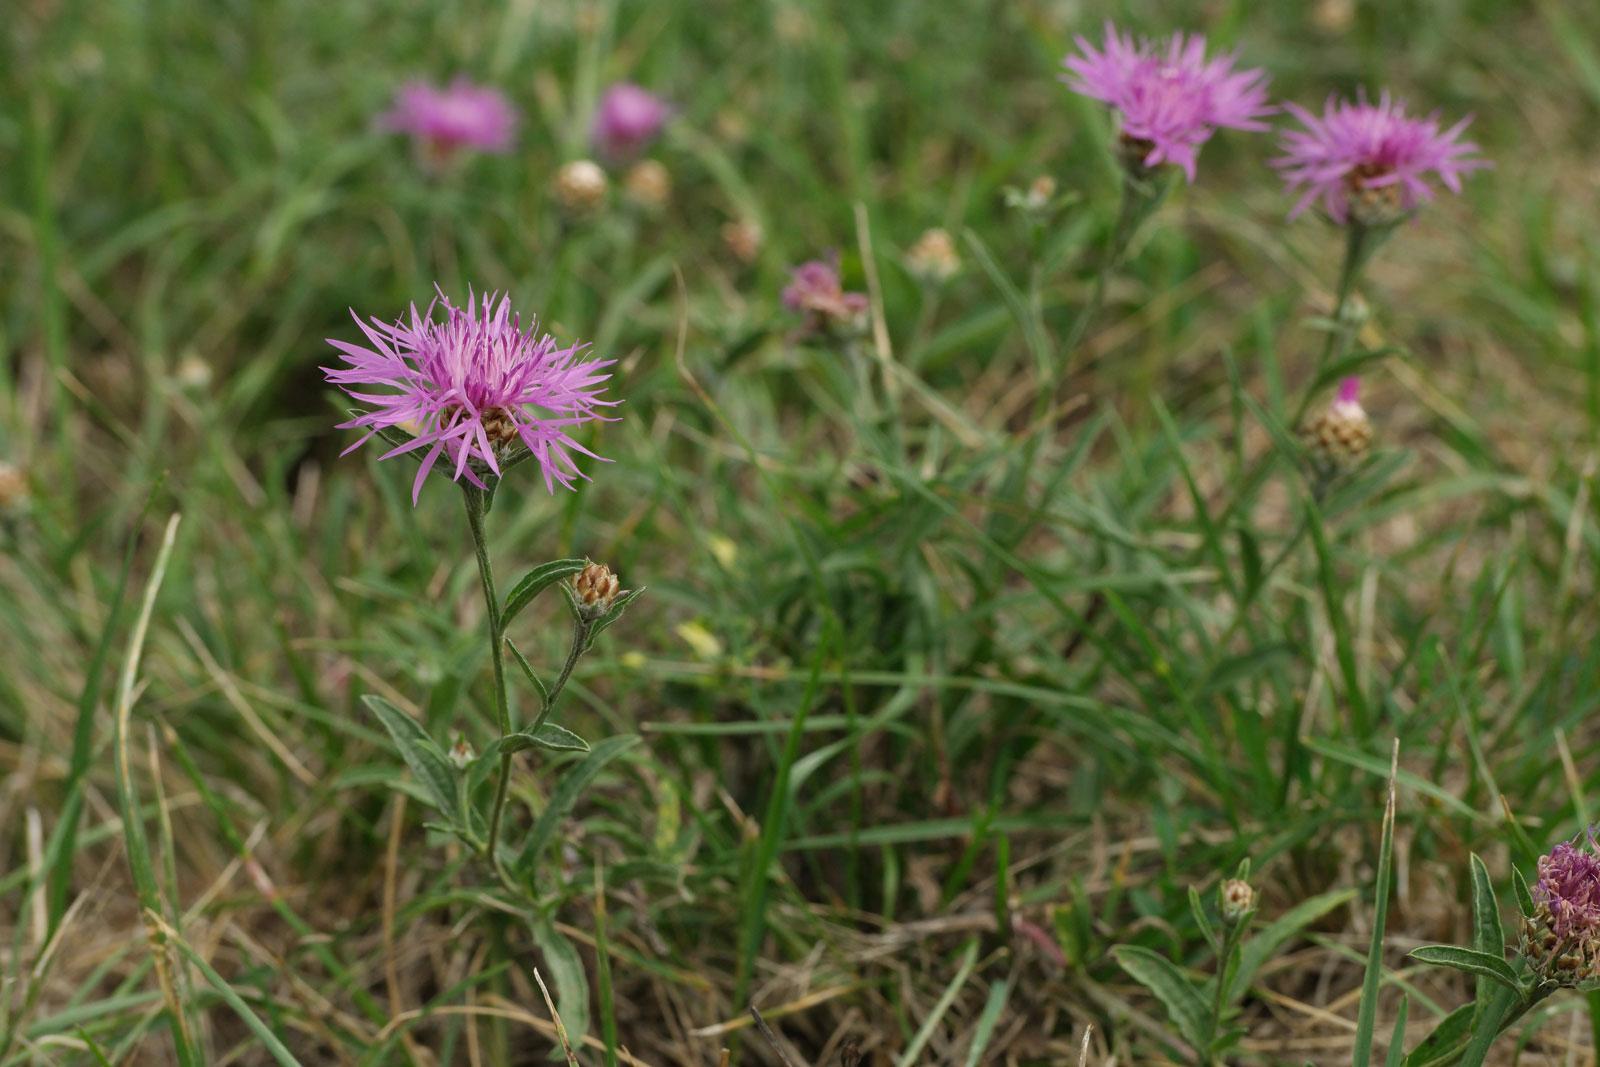 Centaurea jacea